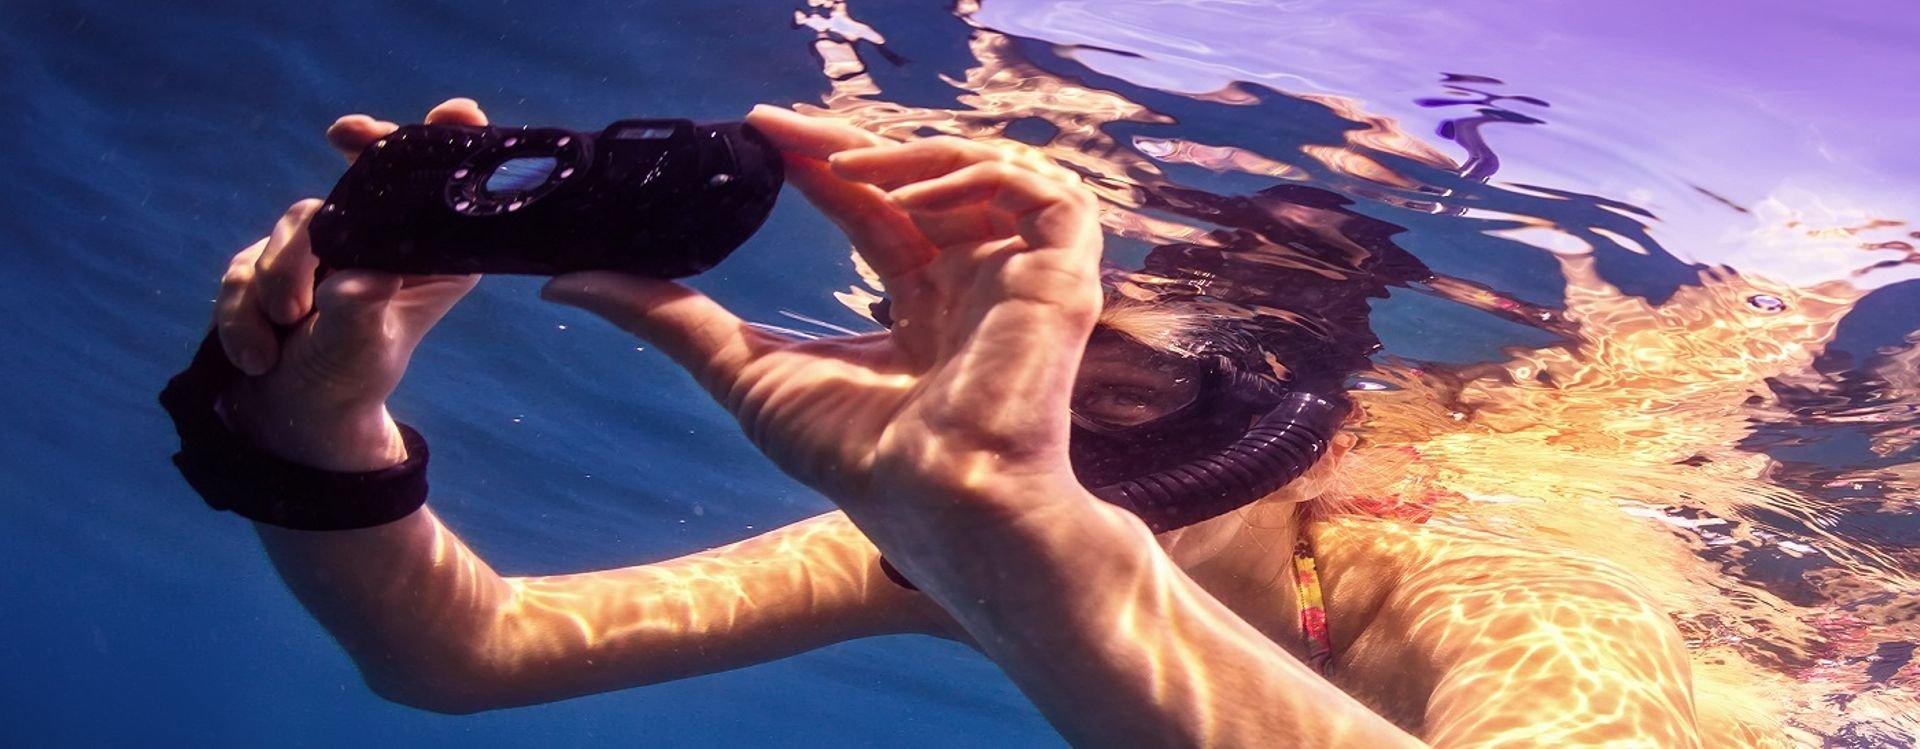 كيف تعمل الكاميرات المقاومة للماء؟ وما أفضل الأنواع المتوافرة في الأسواق حاليا